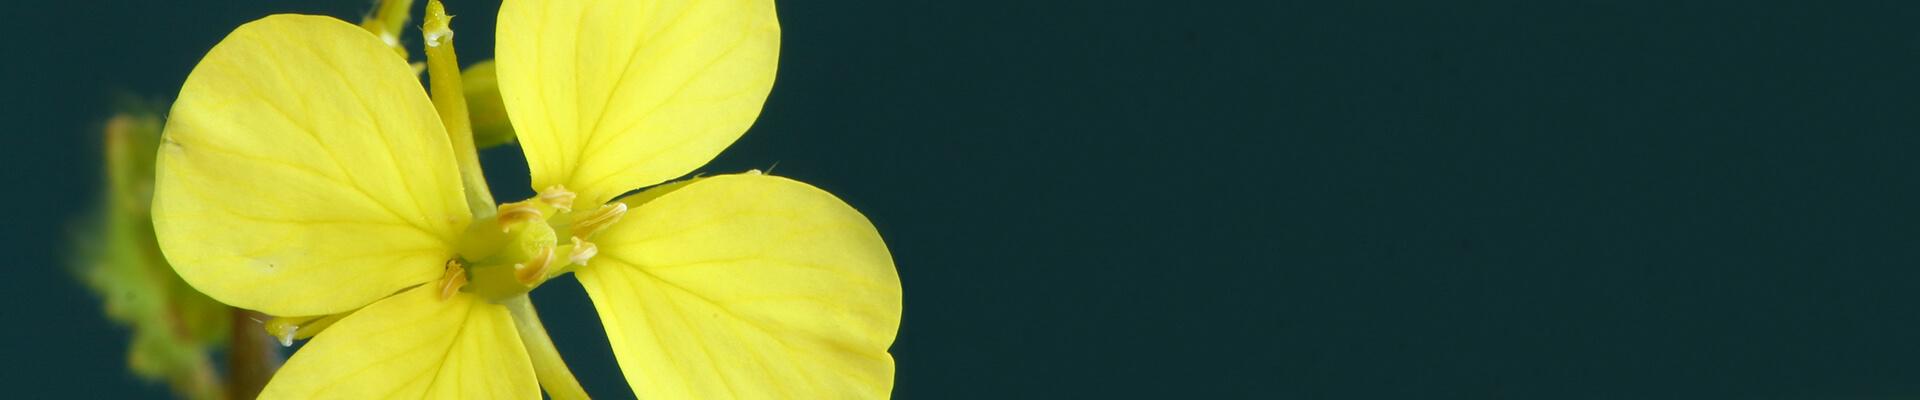 Zwischenfrucht mit gelben Blüten